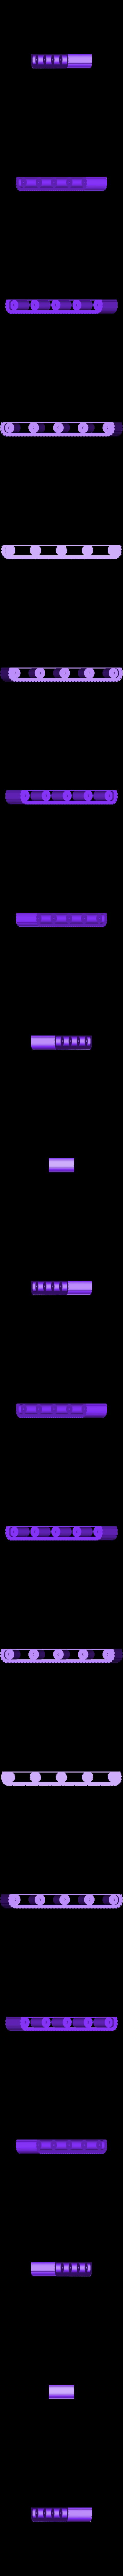 Crushy_Wheels_2.stl Télécharger fichier STL gratuit Crushinator from Futurama! • Objet pour impression 3D, ChaosCoreTech